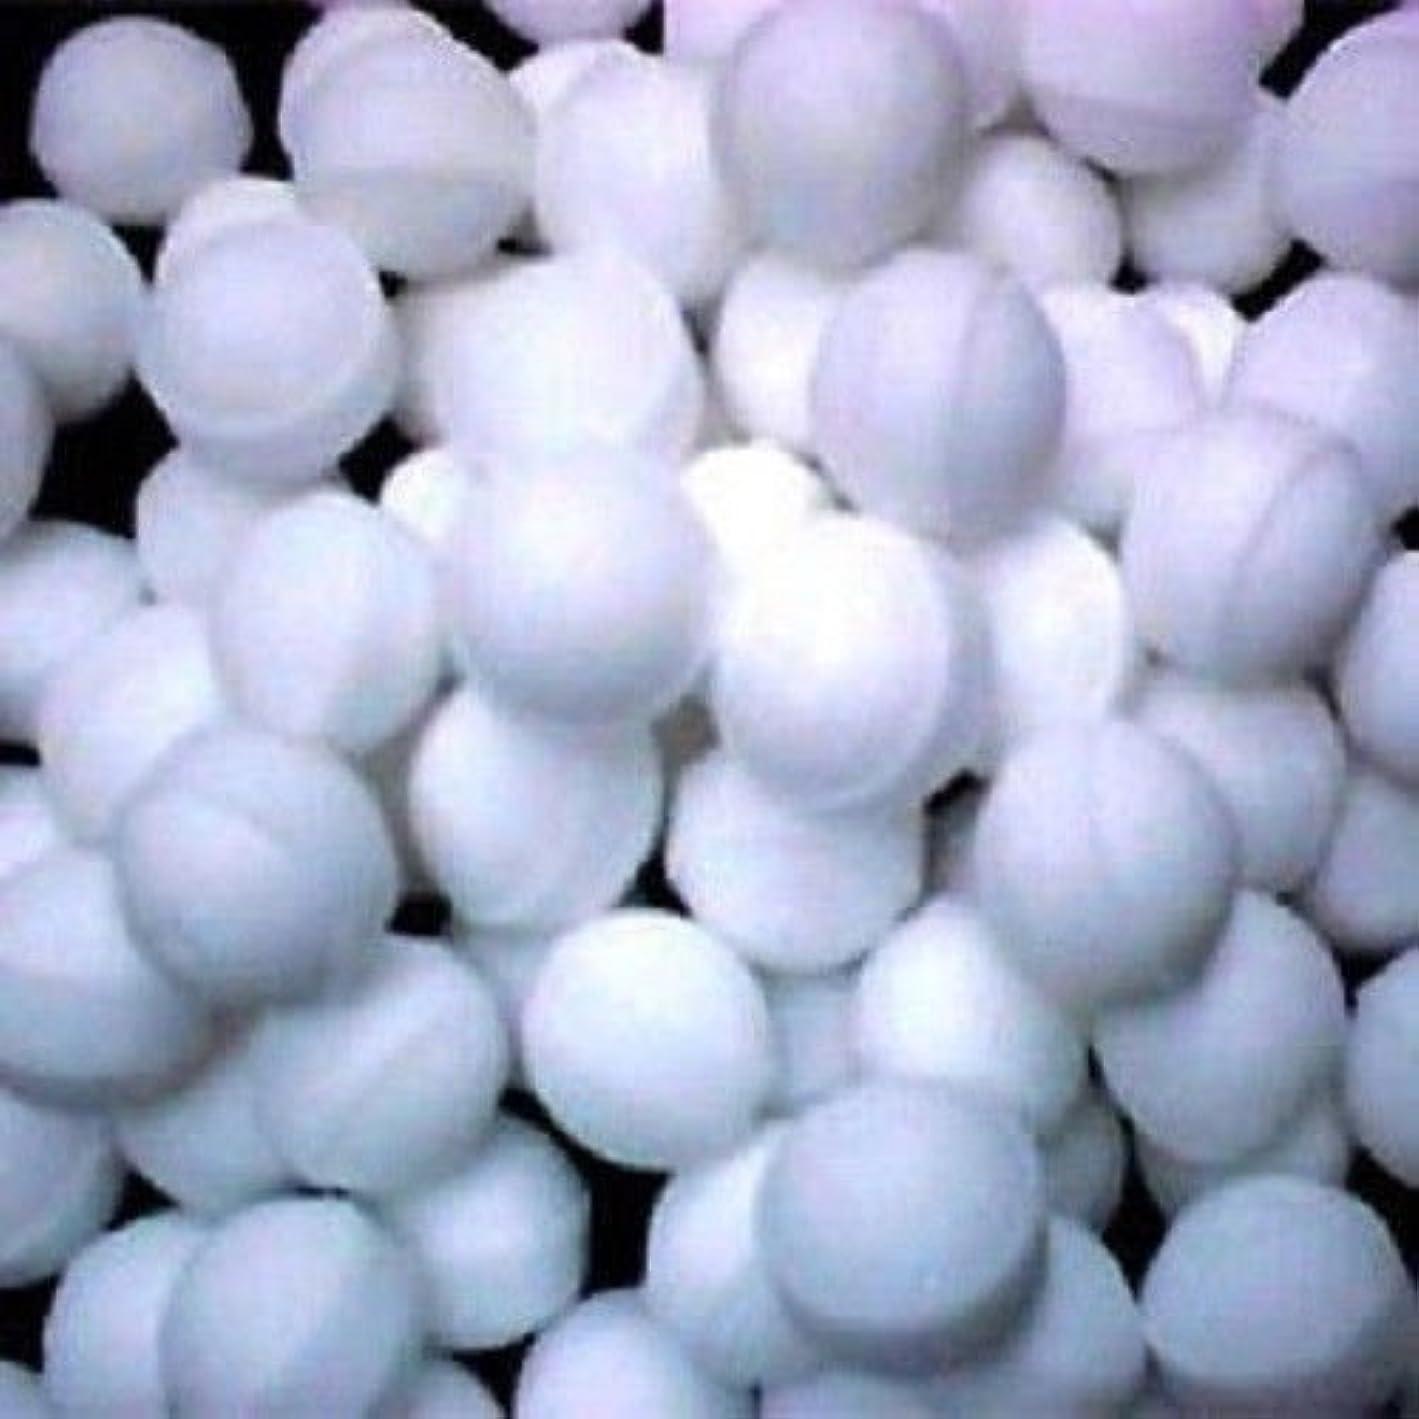 独特のファンシー農業Naphthalene Balls, Moth Balls,snow White,toilets,cupboards,books,cloth Mothballs- 50 Balls 100g Pack by Eagle [並行輸入品]